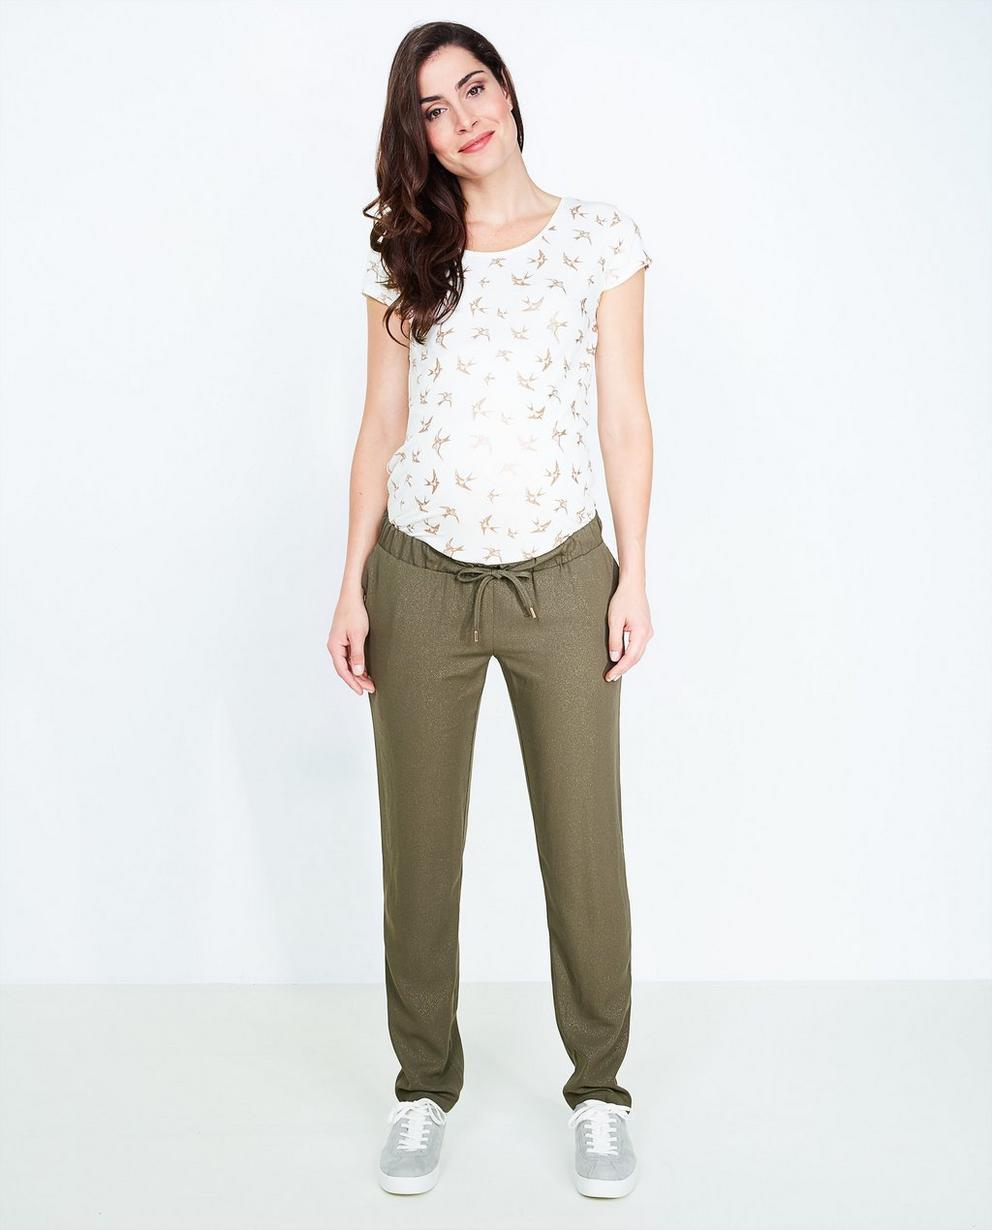 Pantalon kaki souple - imprimé à paillettes dorées - Joli Ronde